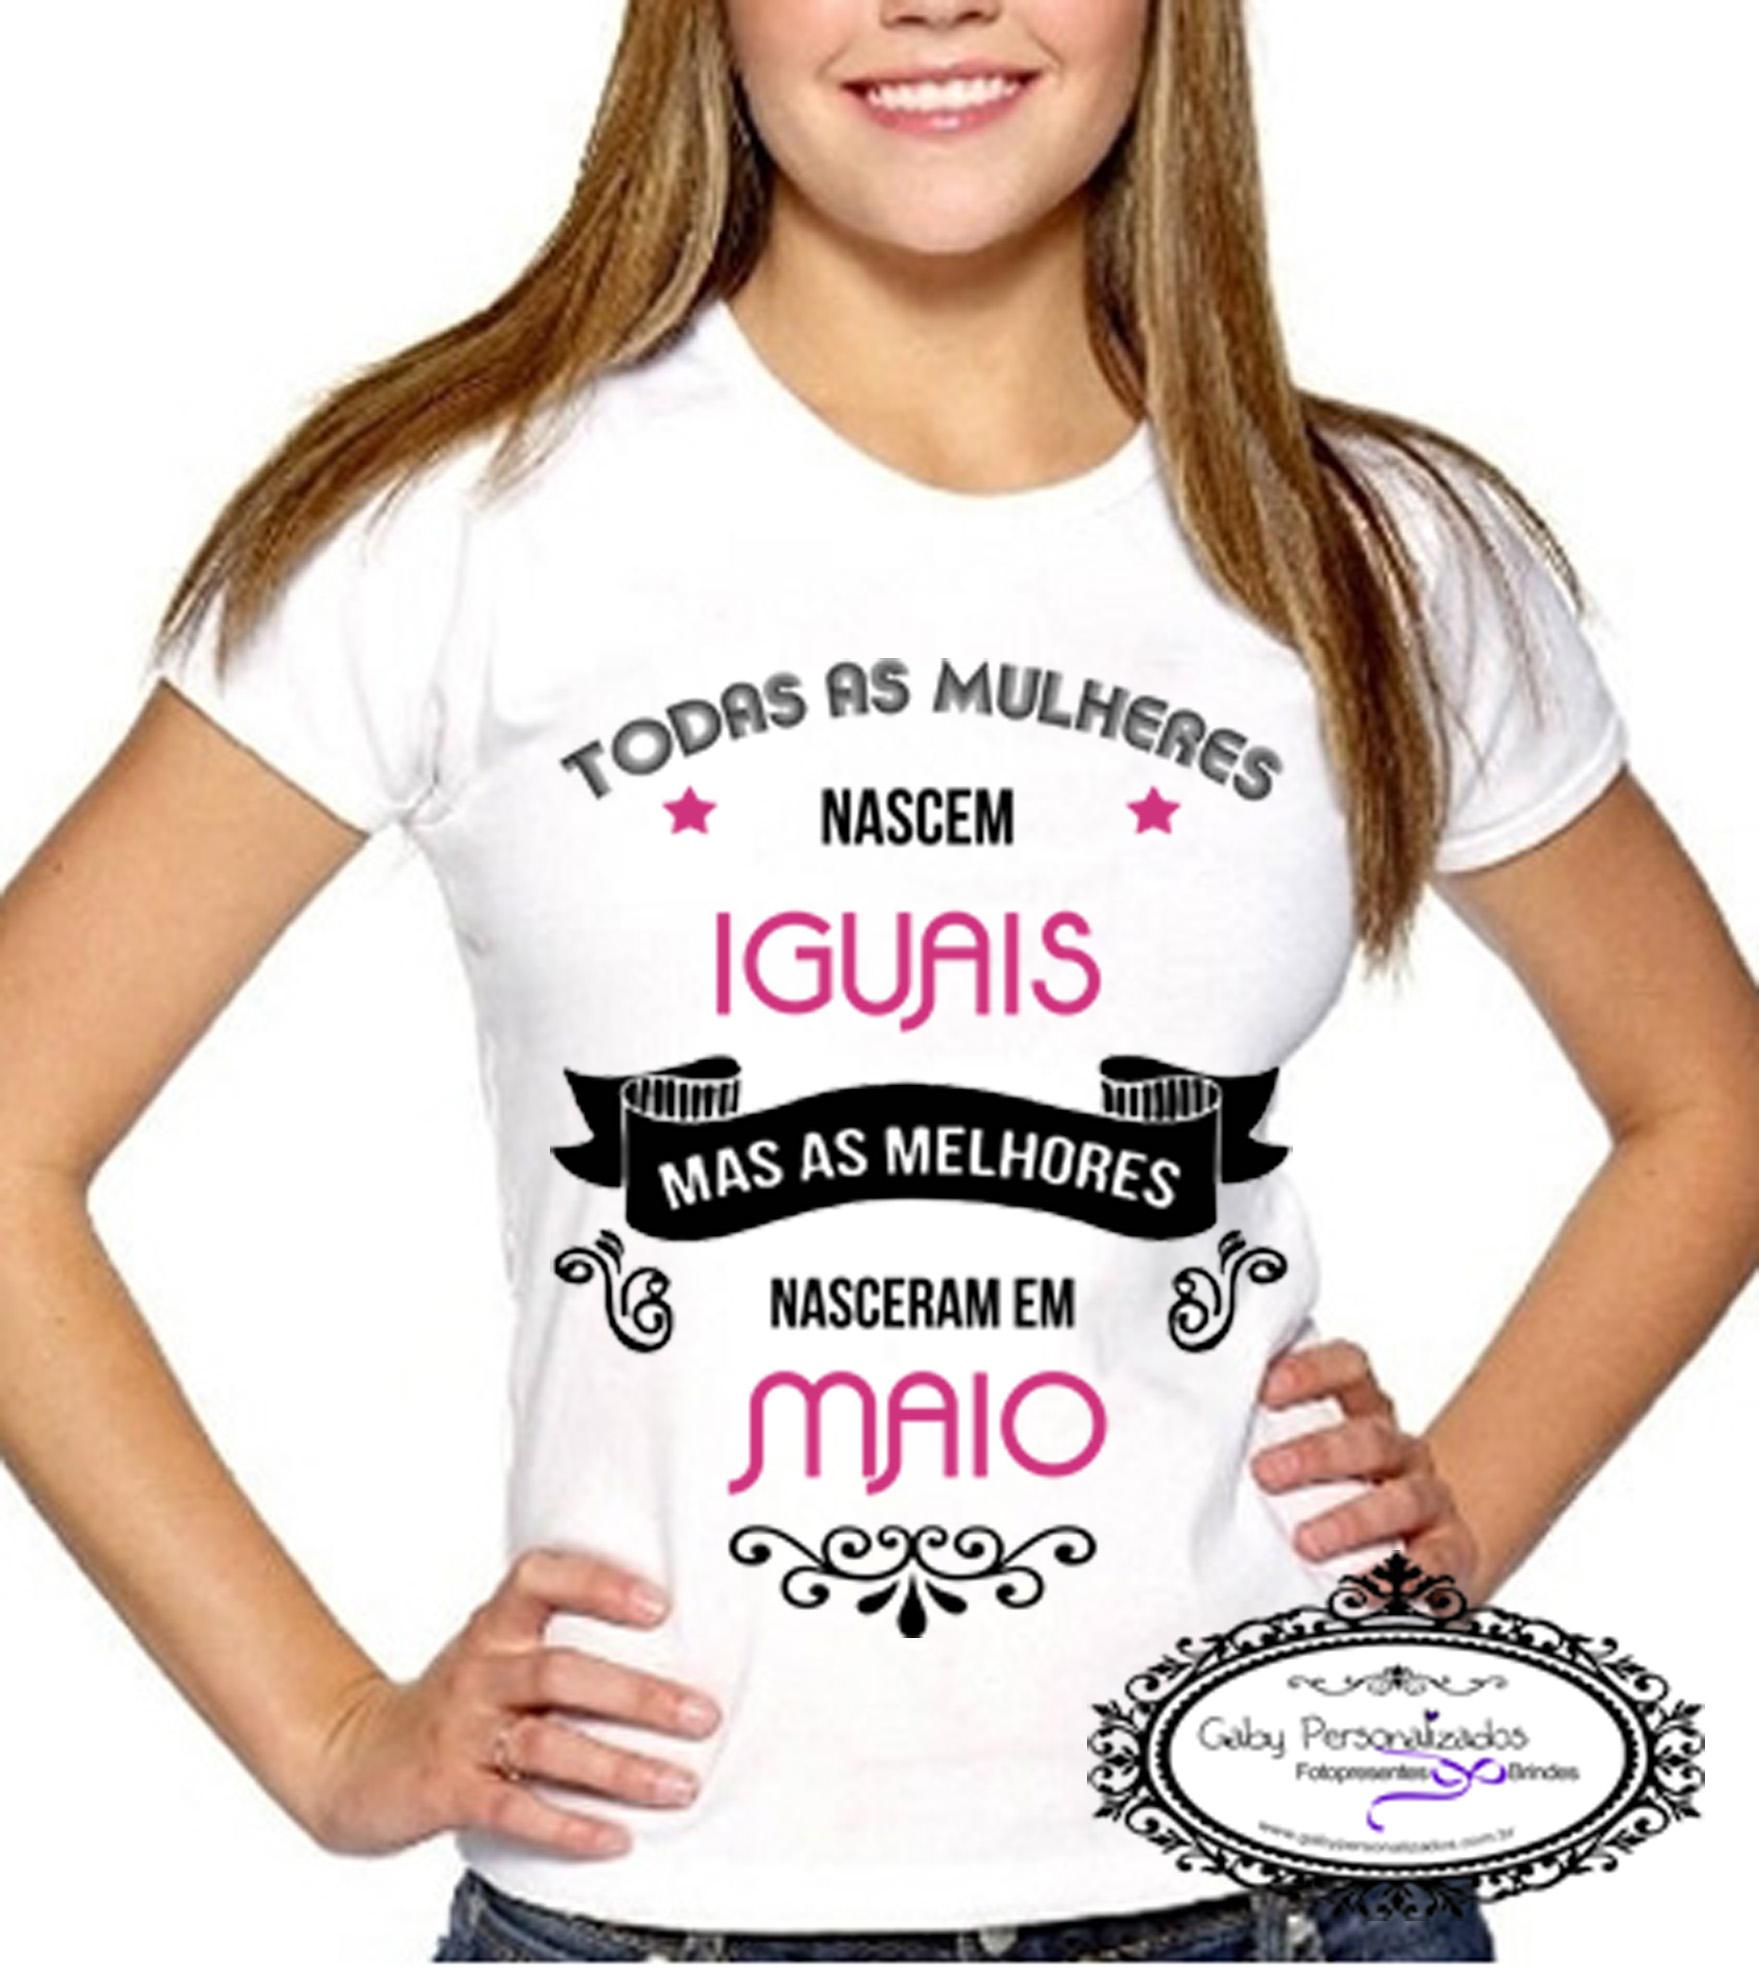 Camiseta Toda Mulher Nasce Igual No Elo7 Gaby Personalizados 5d63eb